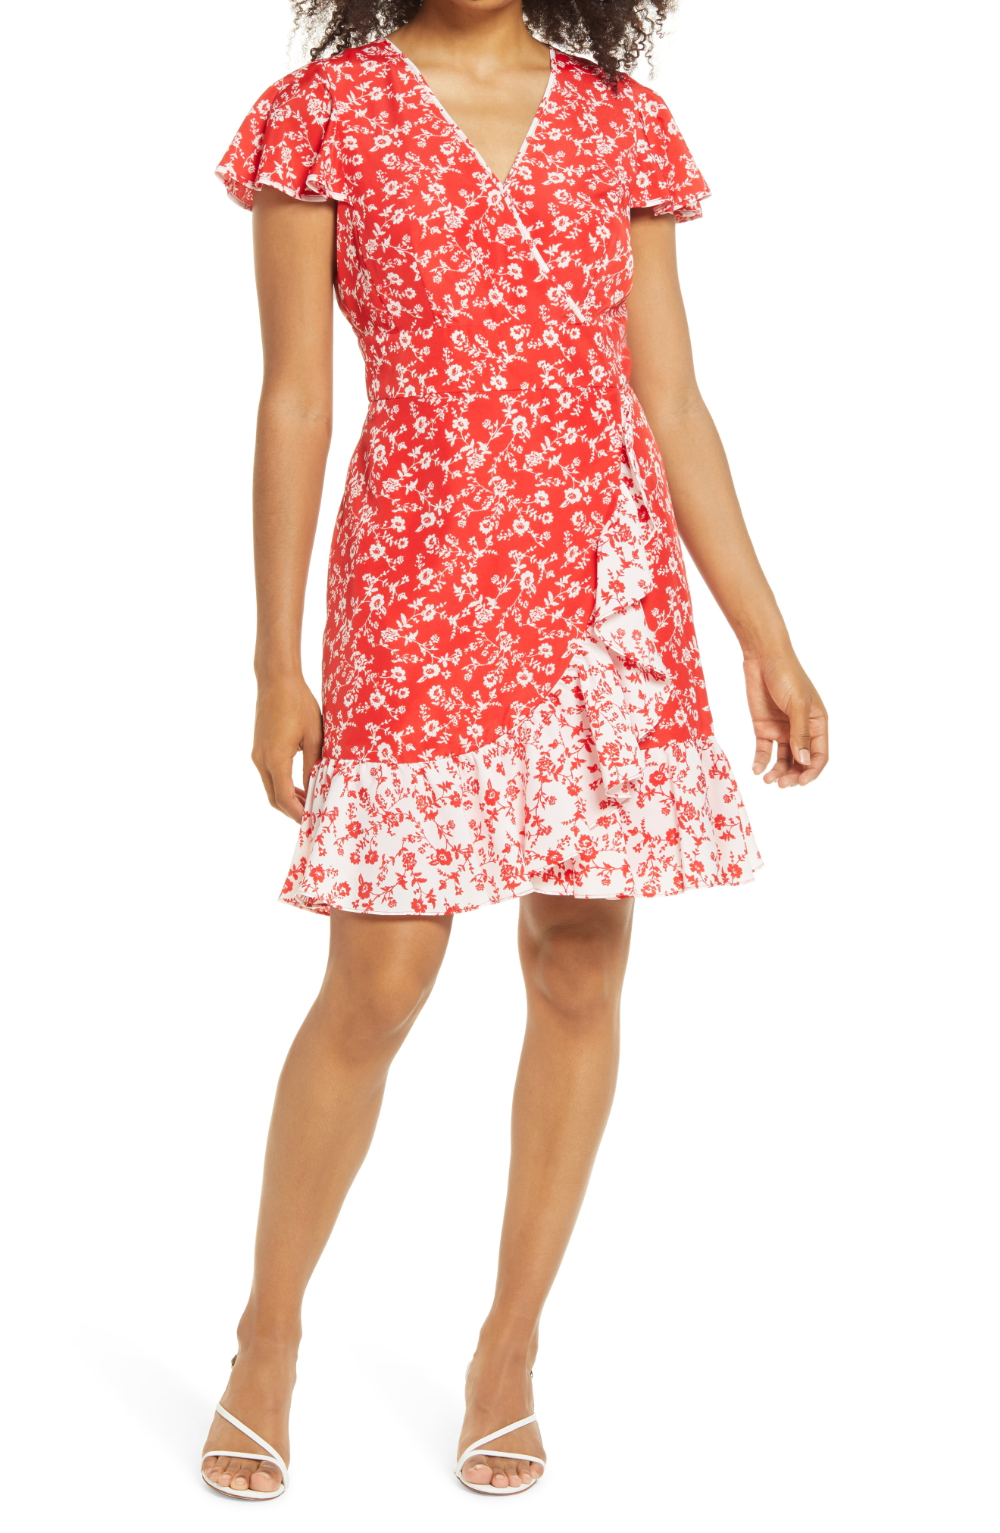 Vince Camuto Floral Faux Wrap Dress Nordstrom Rack Wrap Dress Dresses Faux Wrap Dress [ 1533 x 1000 Pixel ]